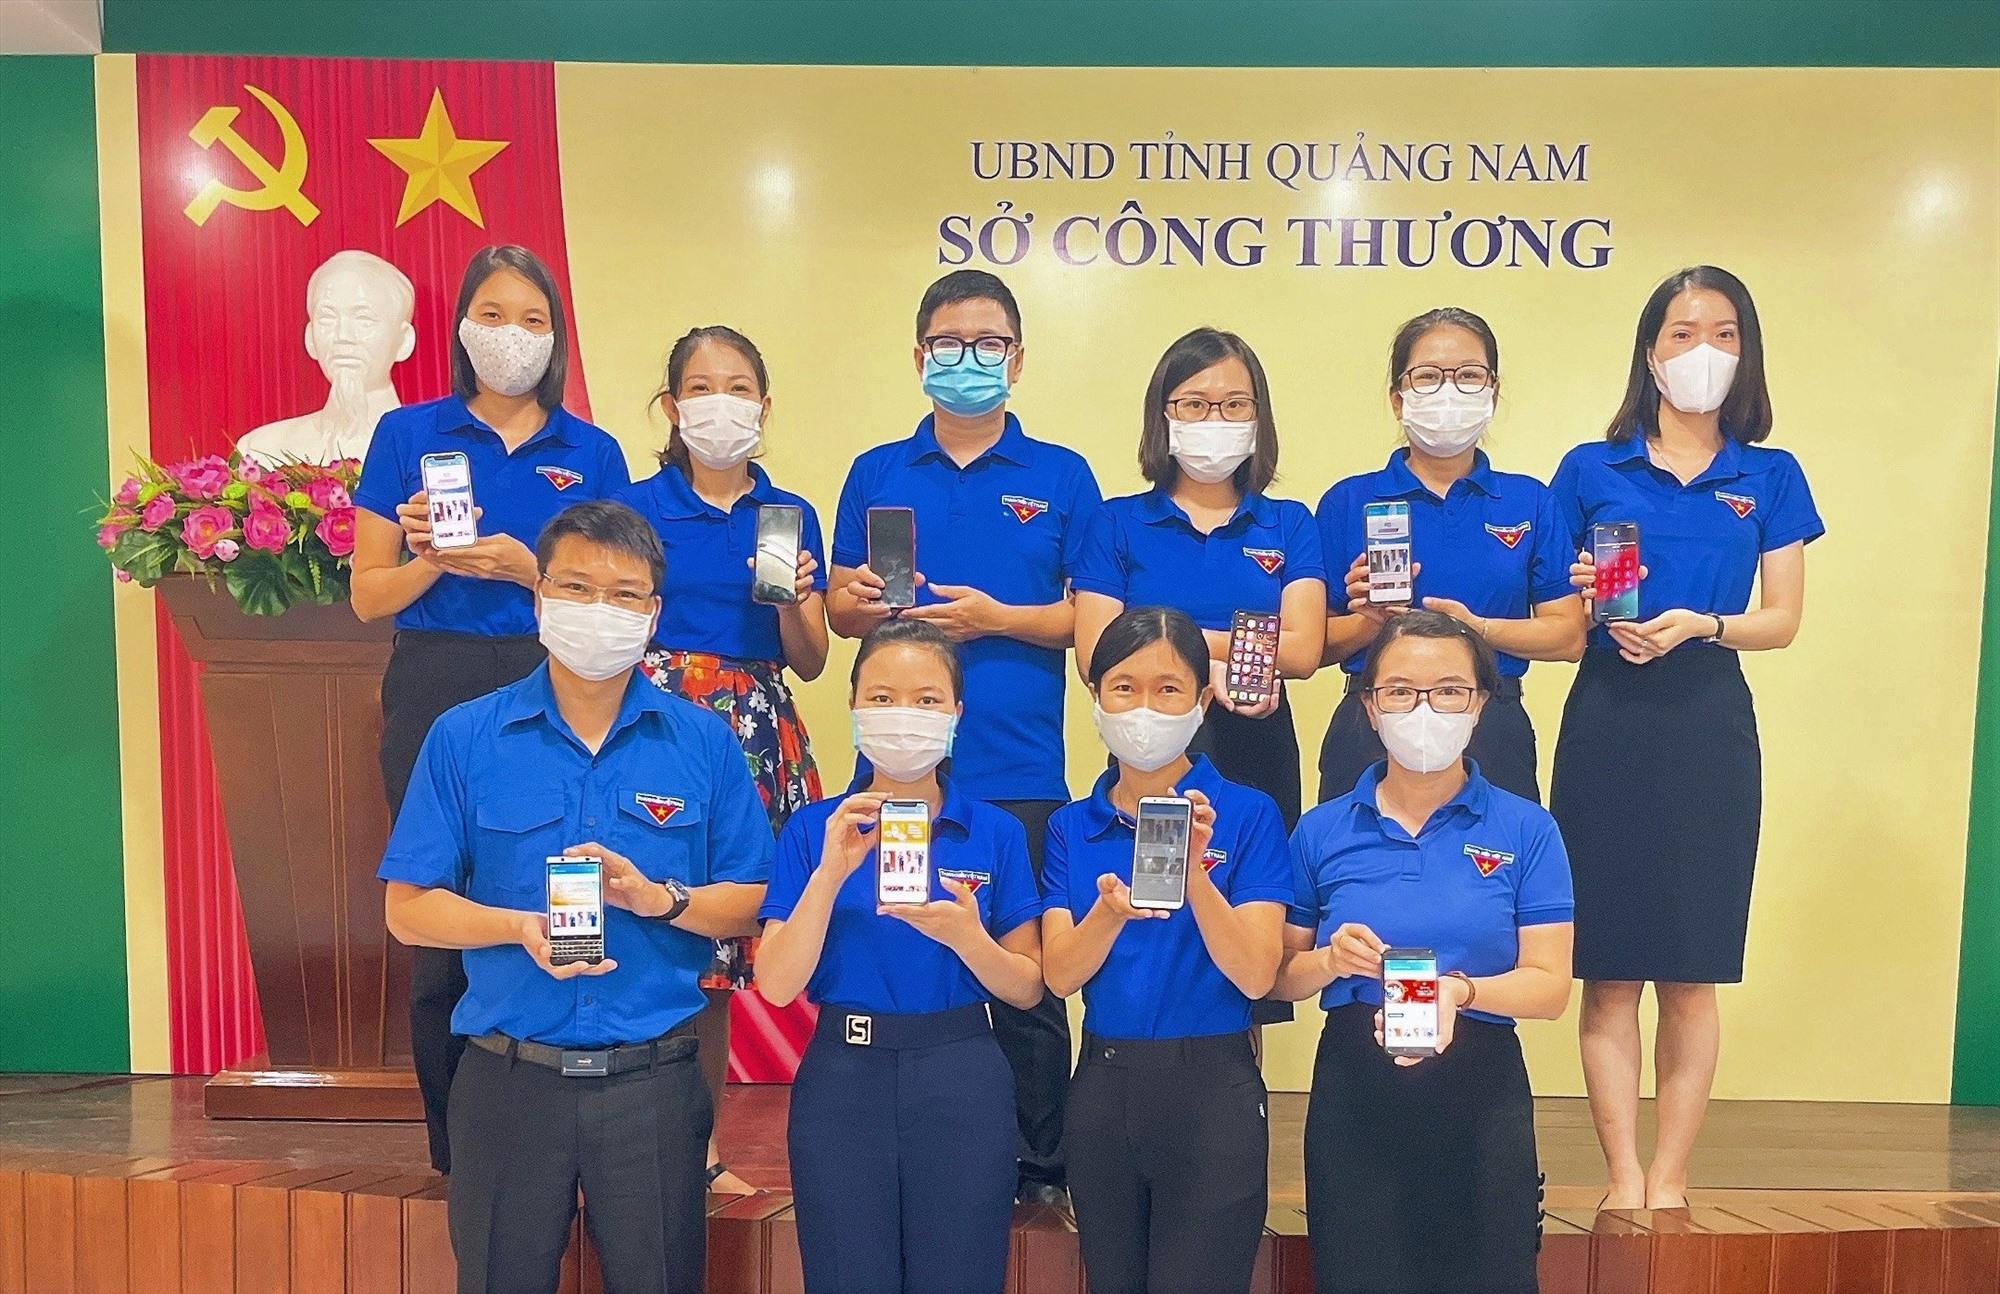 Phát động cài đặt ứng dụng Smart Quảng Nam và Thanh niên Việt Nam